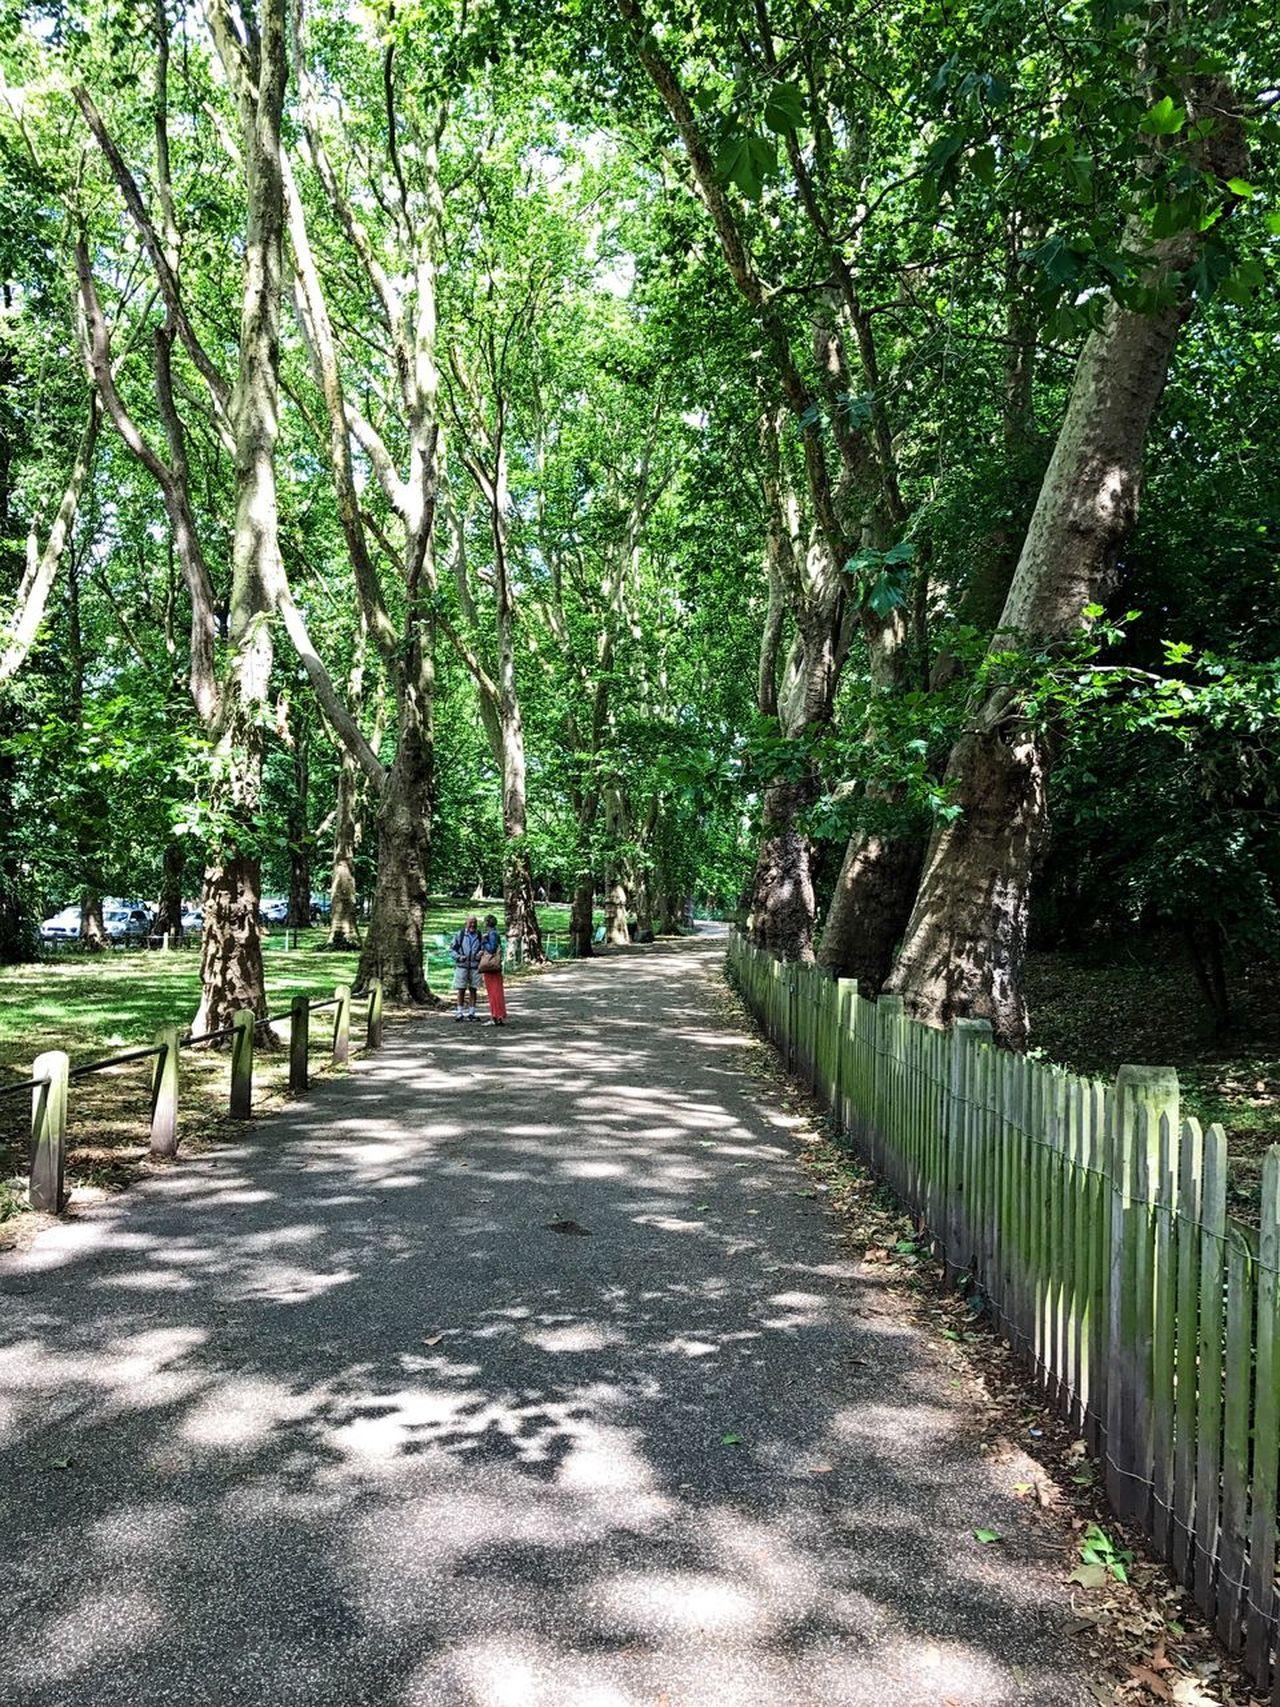 EyeEm LOST IN London Hampstead Heath Nw3 Sky Tree Nature Walking Tranquil Scene Outdoors Beauty In Nature Hampstead Village London Nofilter